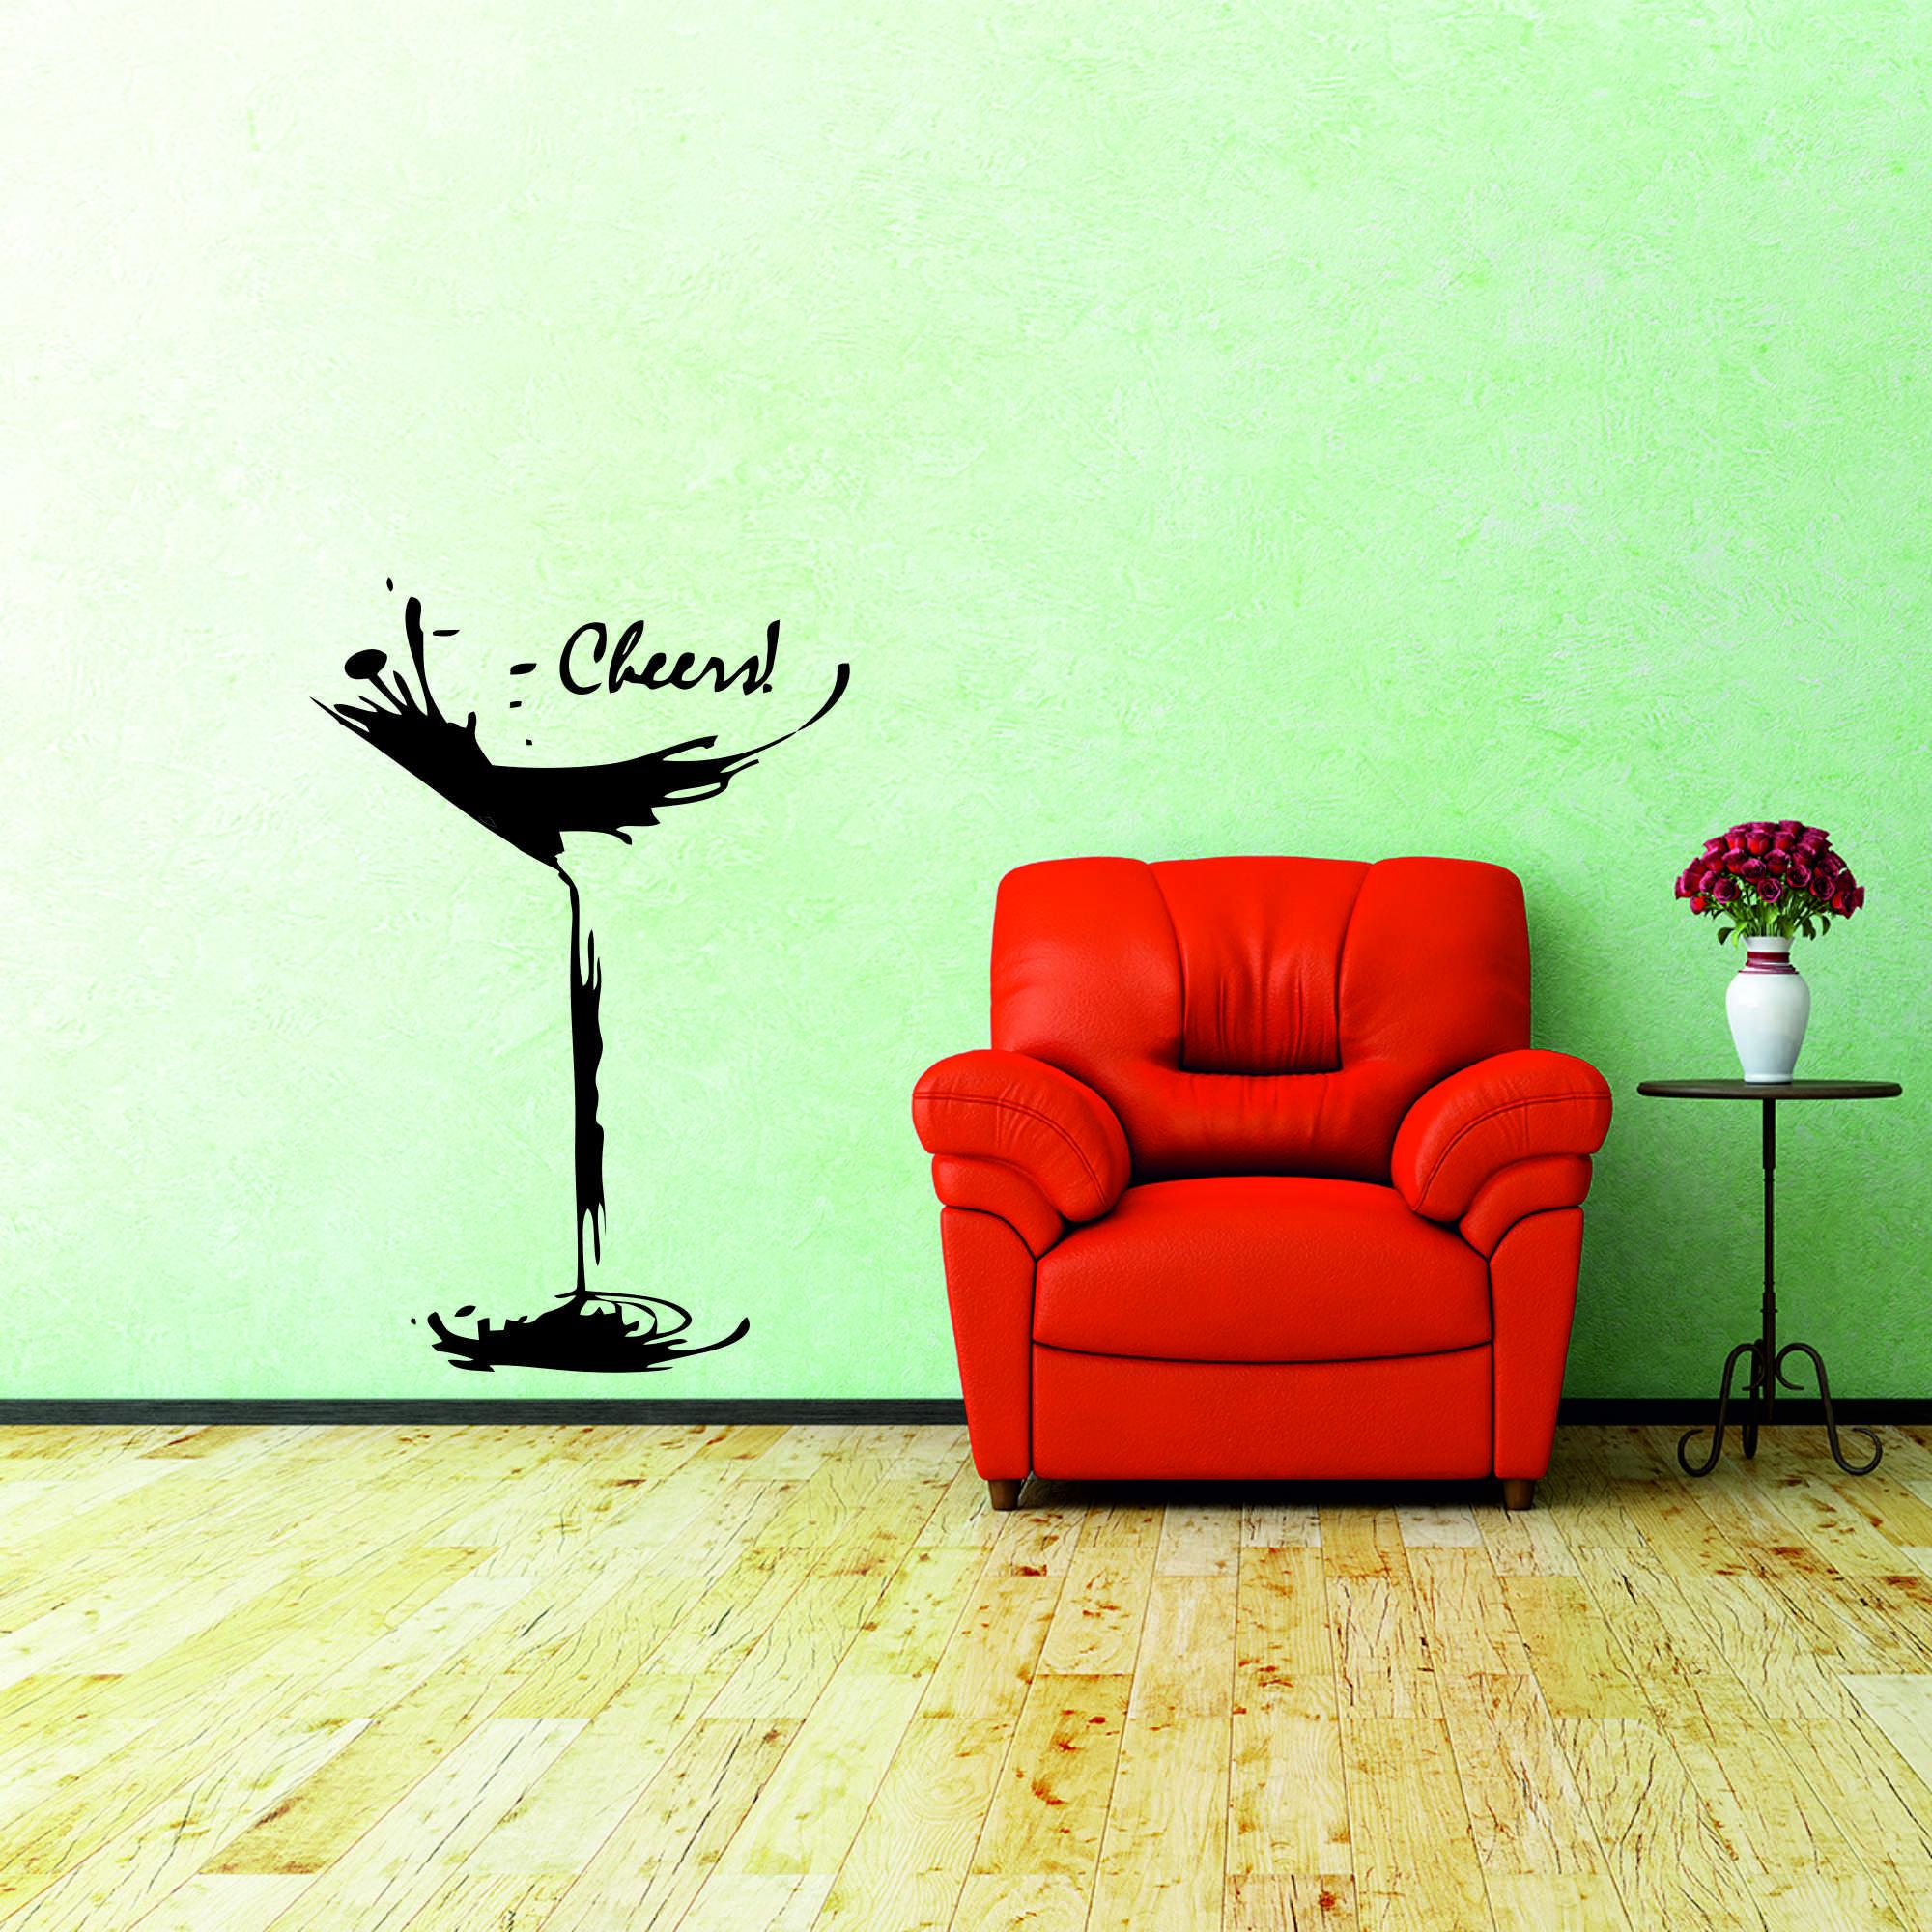 Samolepka na zeď - Sklenka Cheers ! - 40x60 cm - PopyDesign